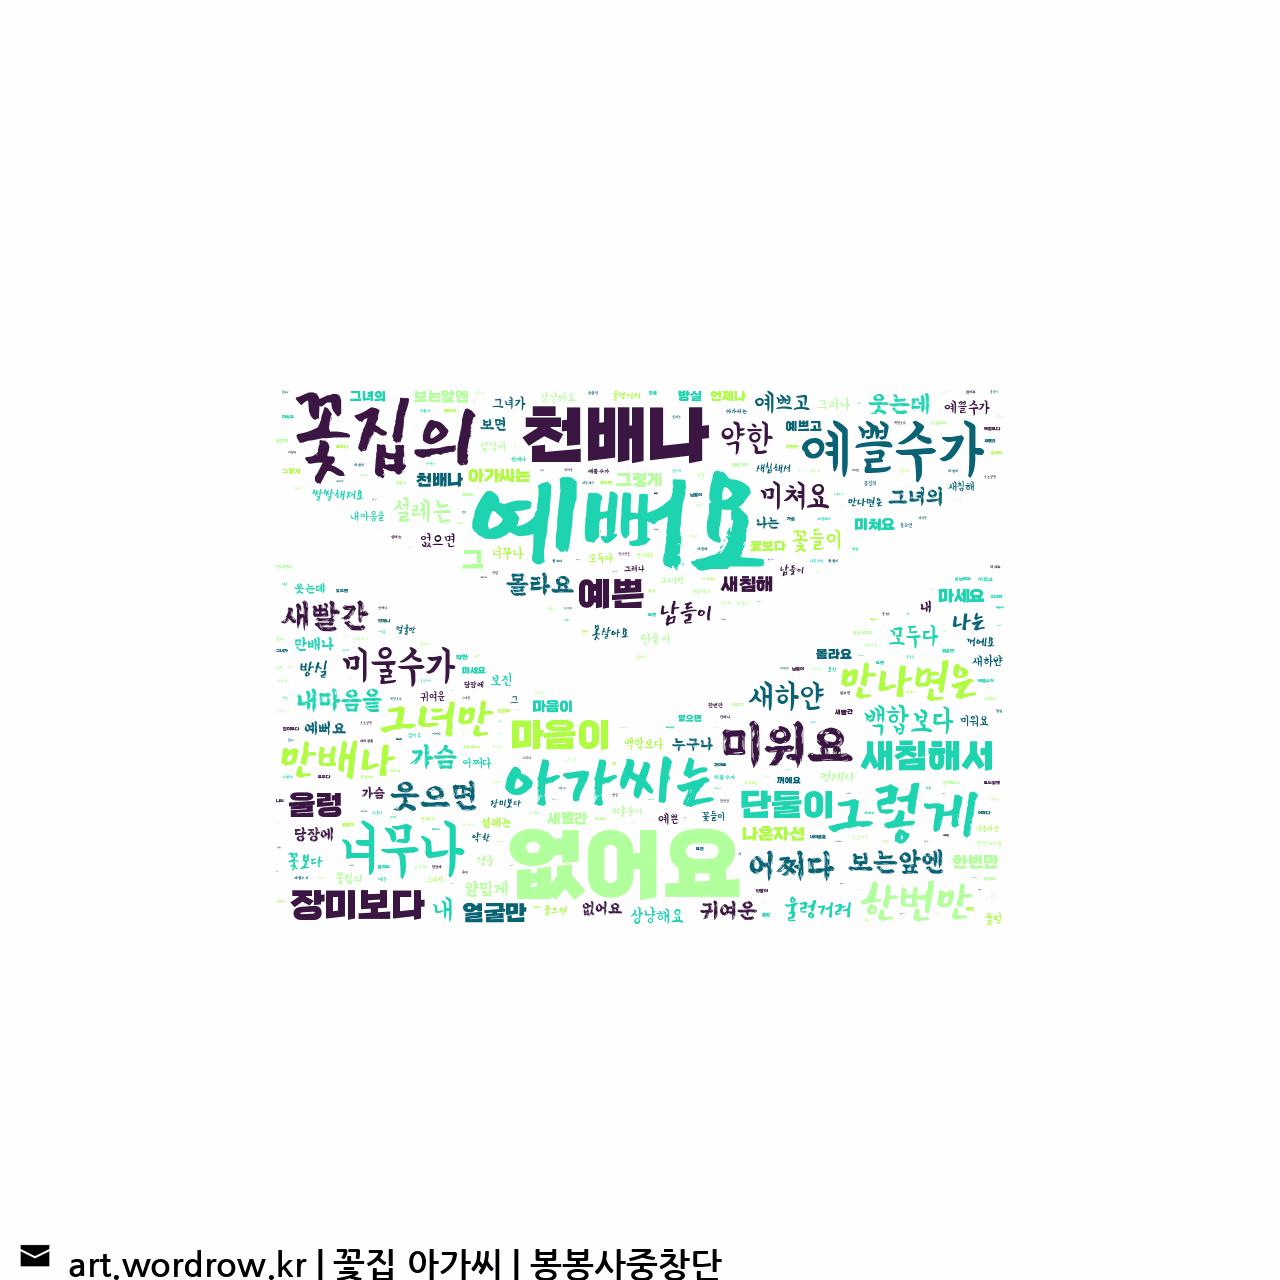 워드 아트: 꽃집 아가씨 [봉봉사중창단]-54